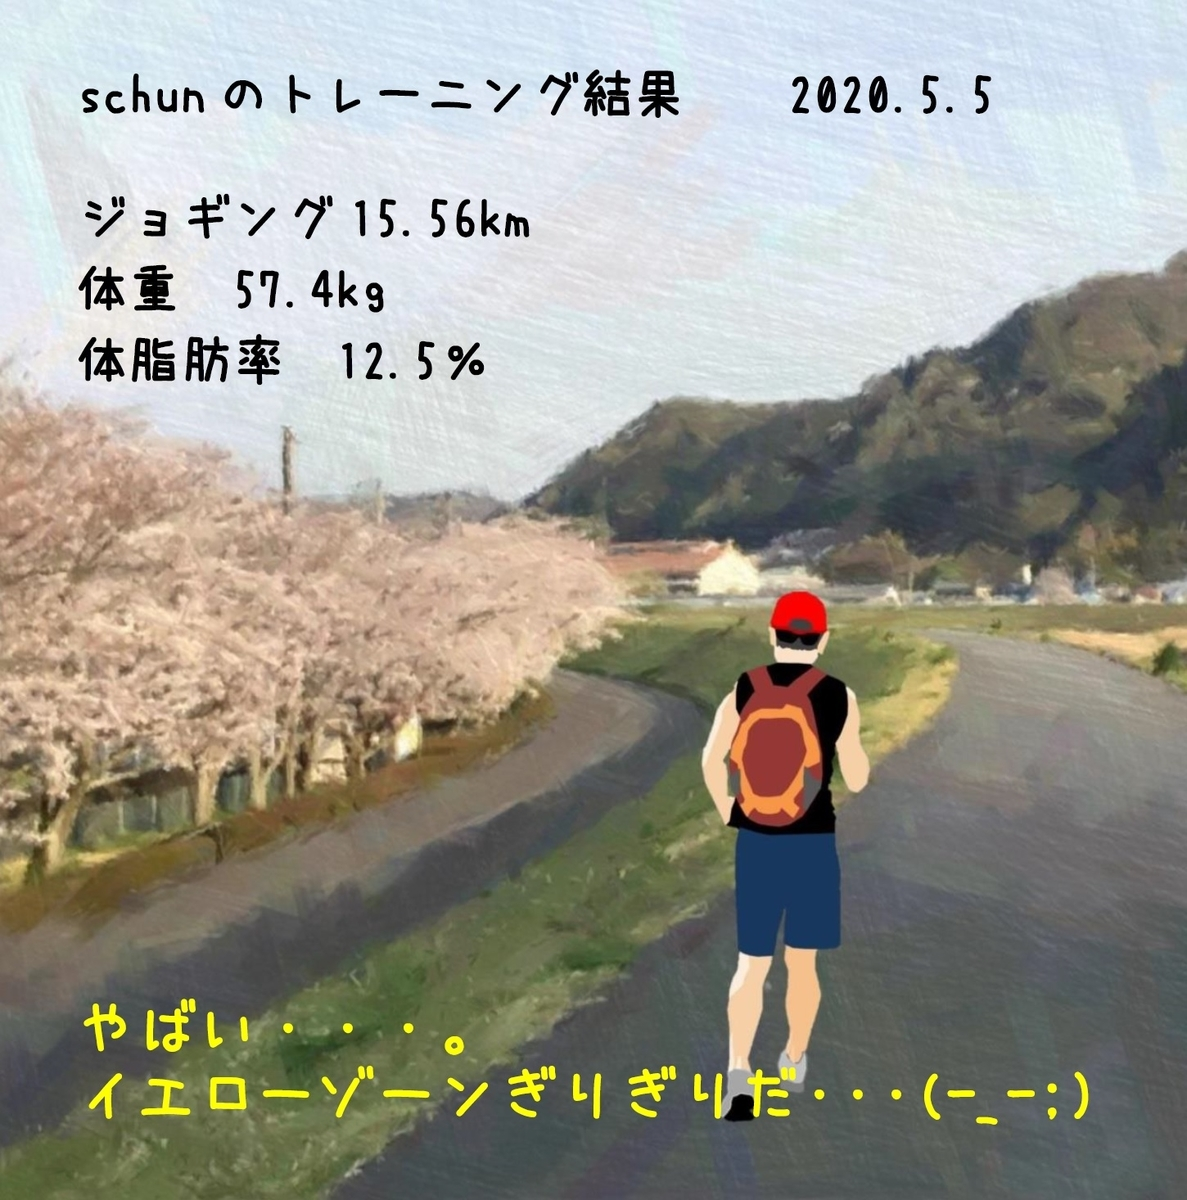 f:id:schunchi2007:20200505195137j:plain